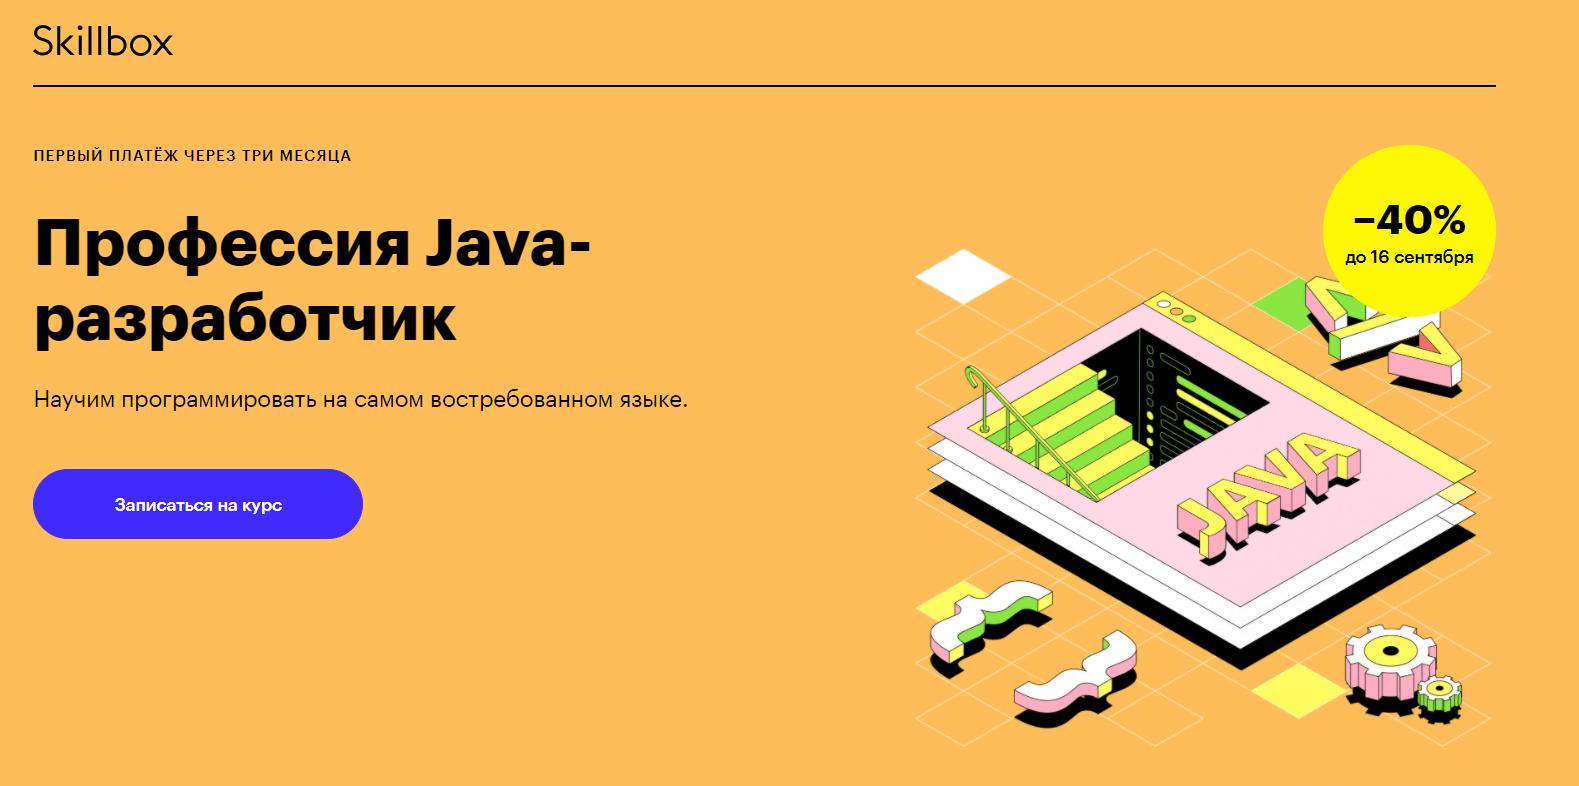 Профессия Java-разработчик Скиллбокс